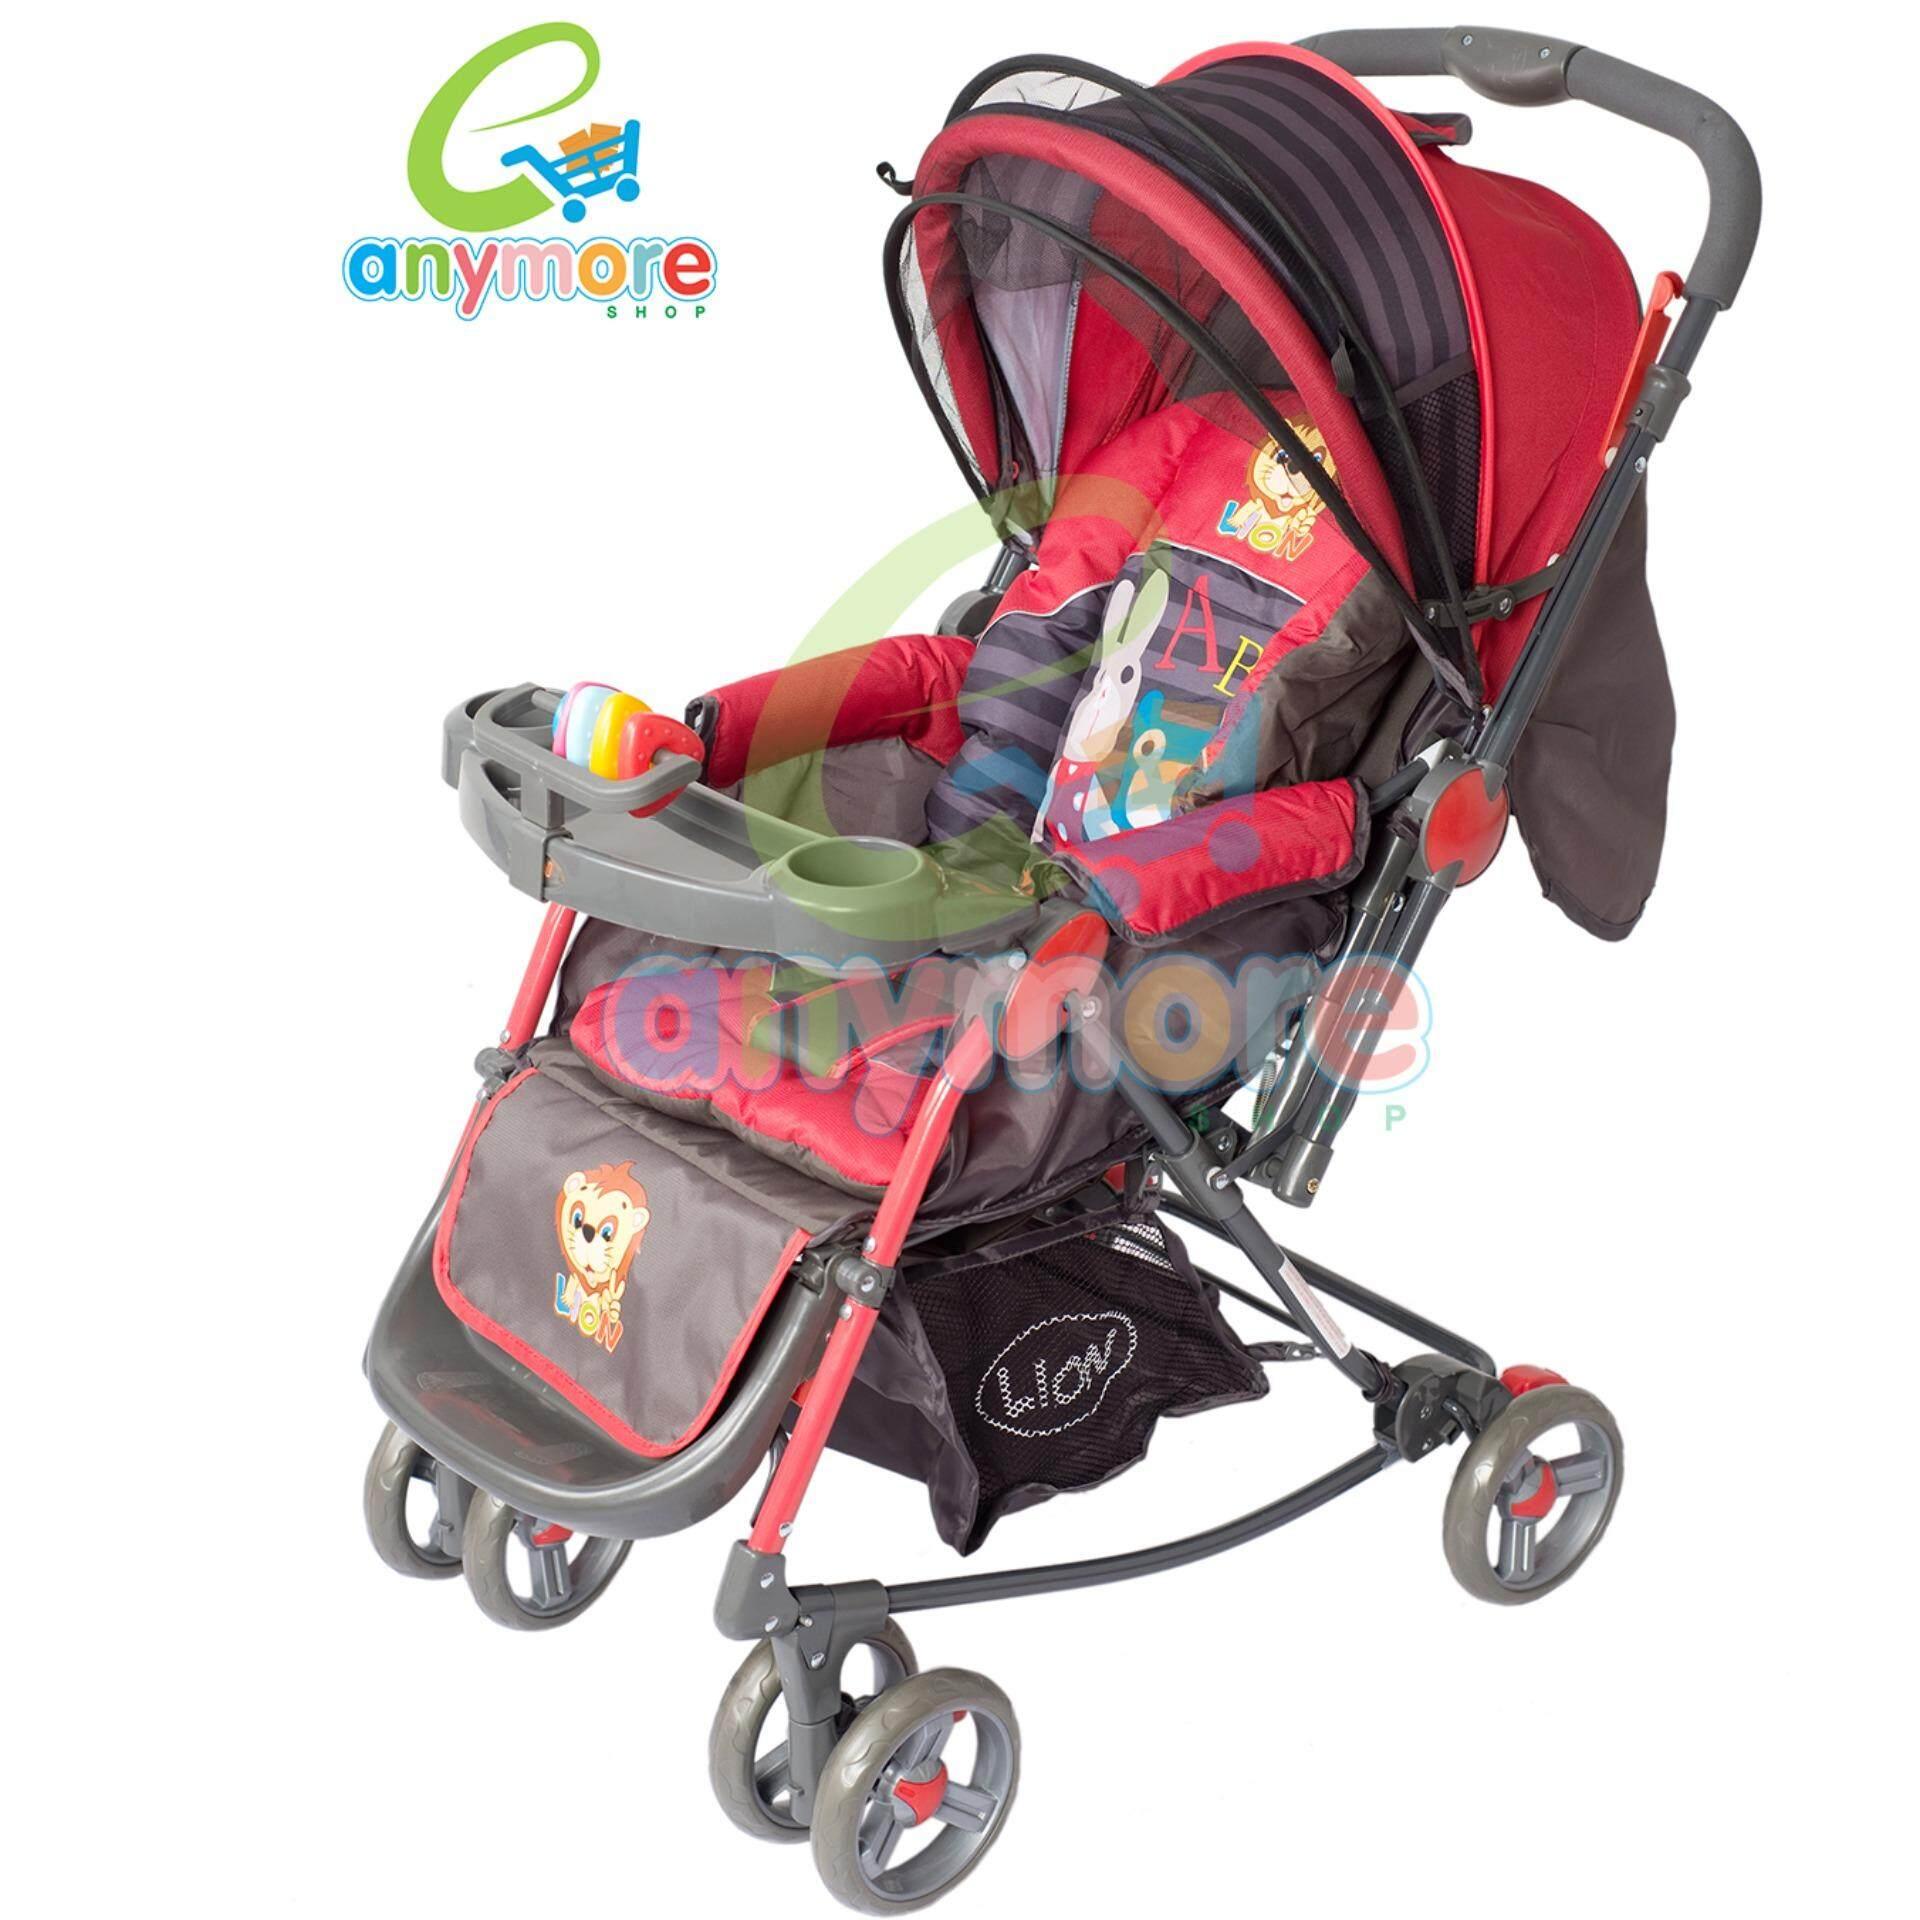 ของแท้ และรับประกัน Oemgenuine รถเข็นเด็กแบบนอน รถเข็นเด็ก ปรับได้ 4 ระดับ น้ำหนักเบา รองรับหนักได้ถึง25KG baby รับประกันการคือสินค้า